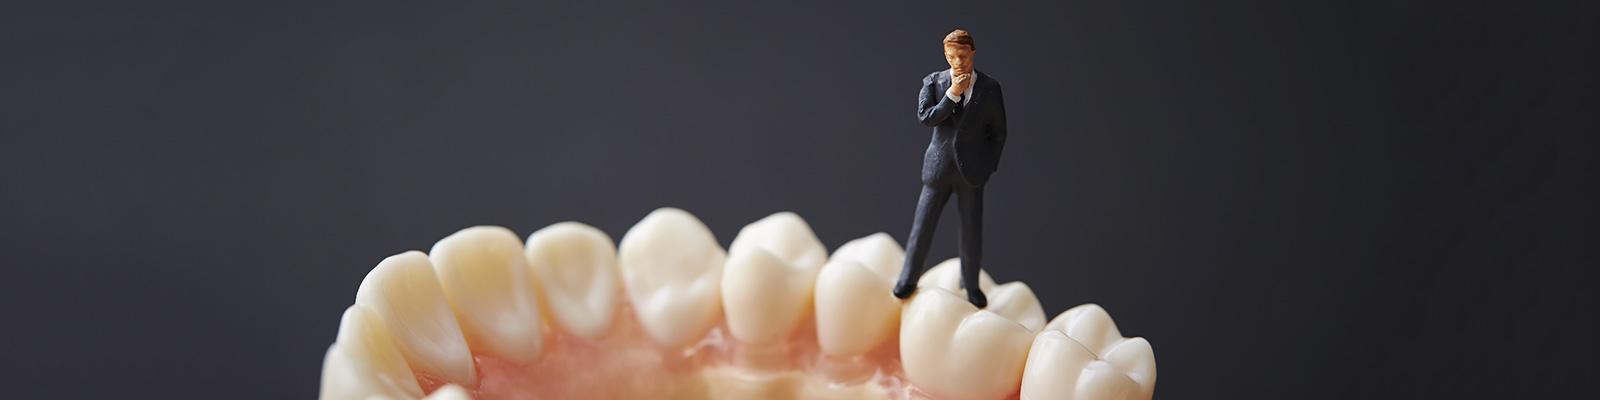 歯 診断 イメージ